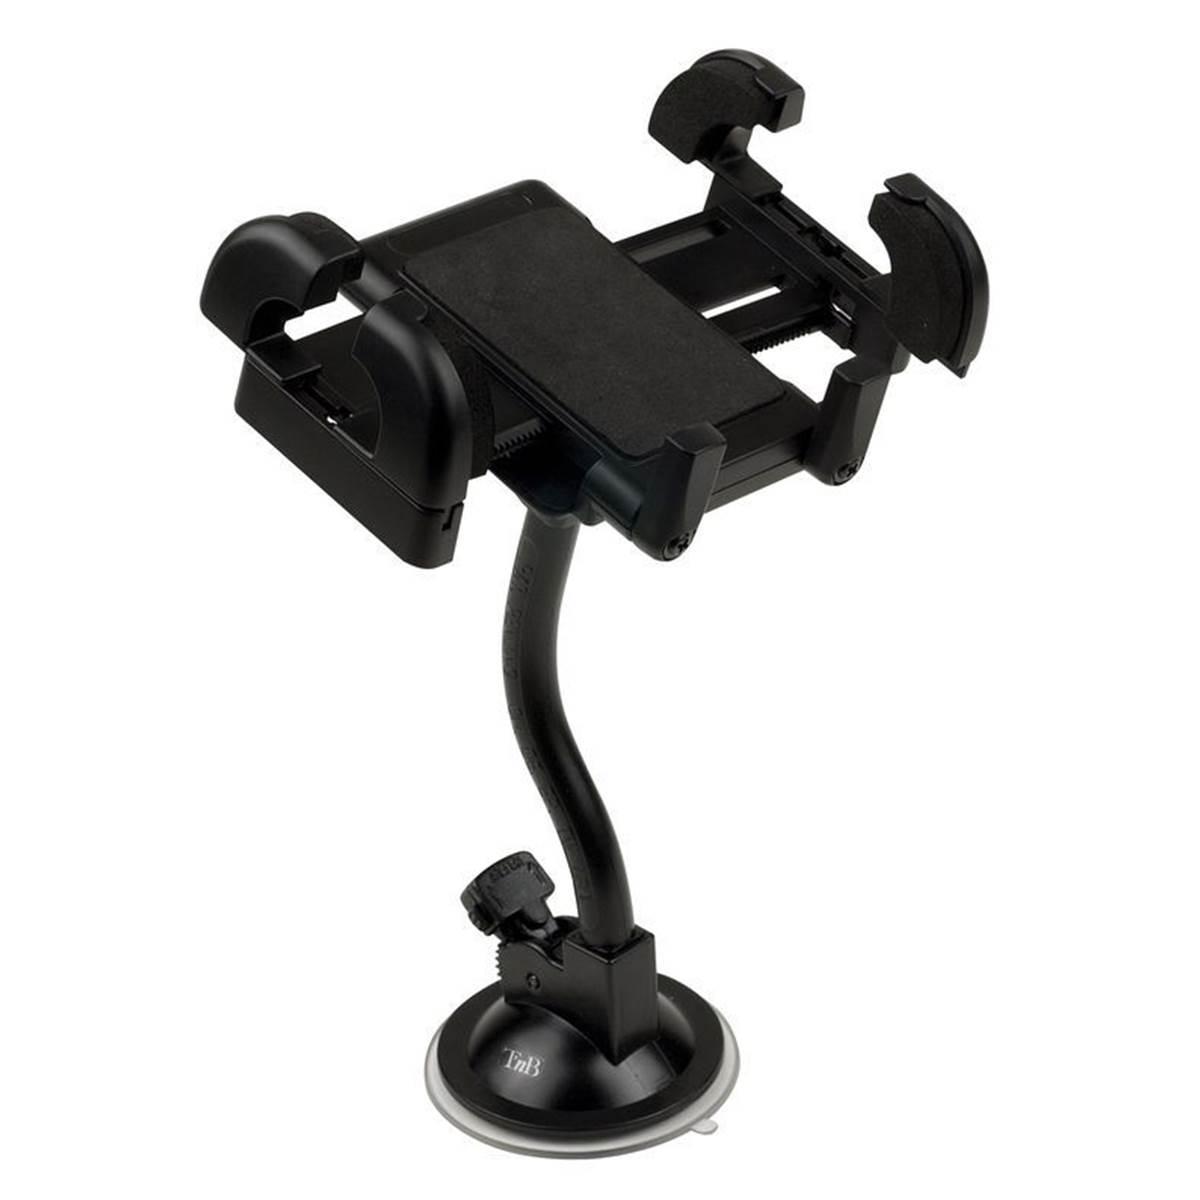 Support pince avec bras flexible sur pare-brise T'nB